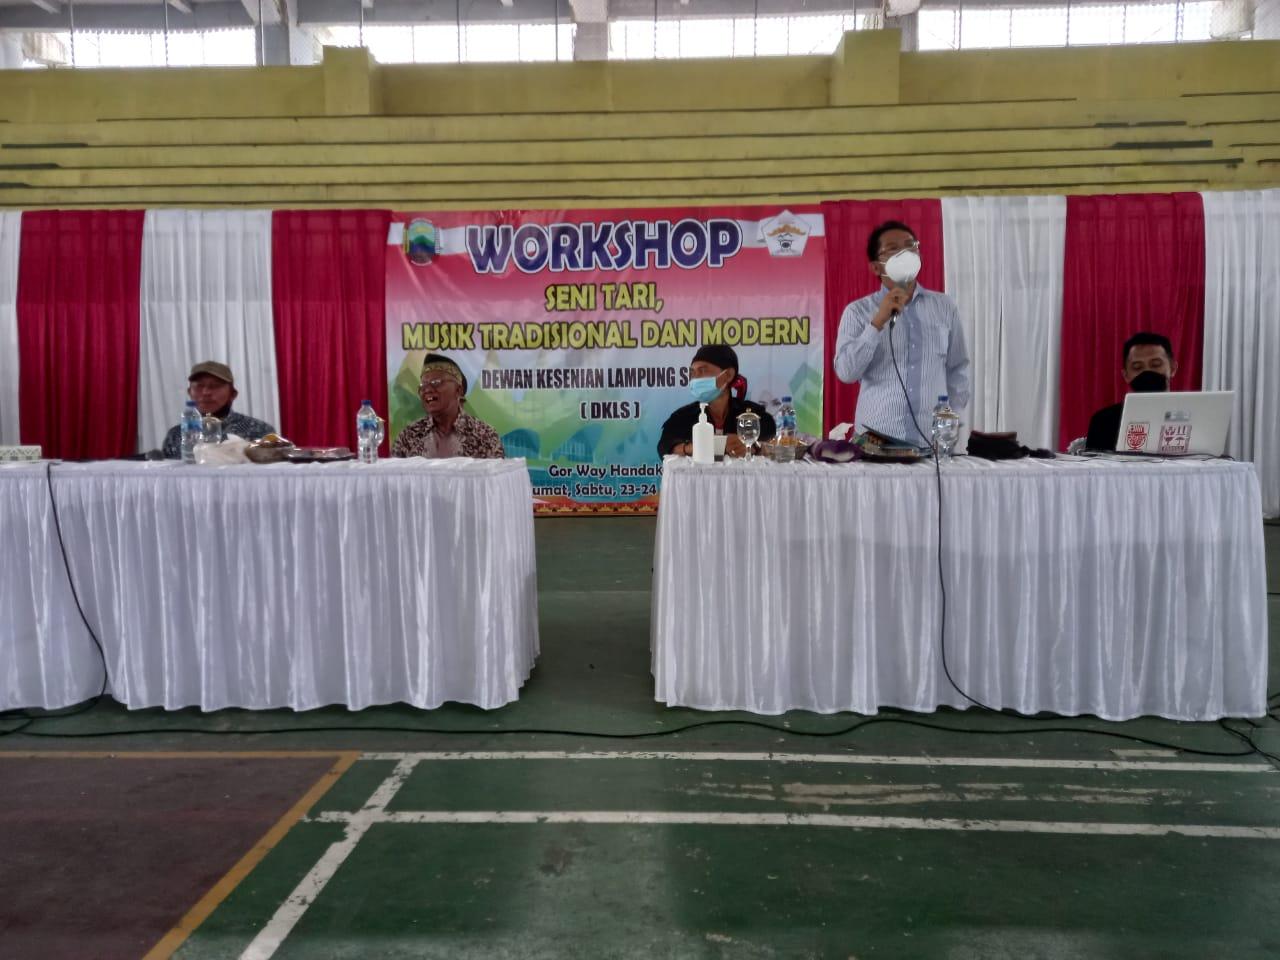 Workshop DKLS Hari Ke-2 Rencanakan Festival Gitar Klasik Lampung